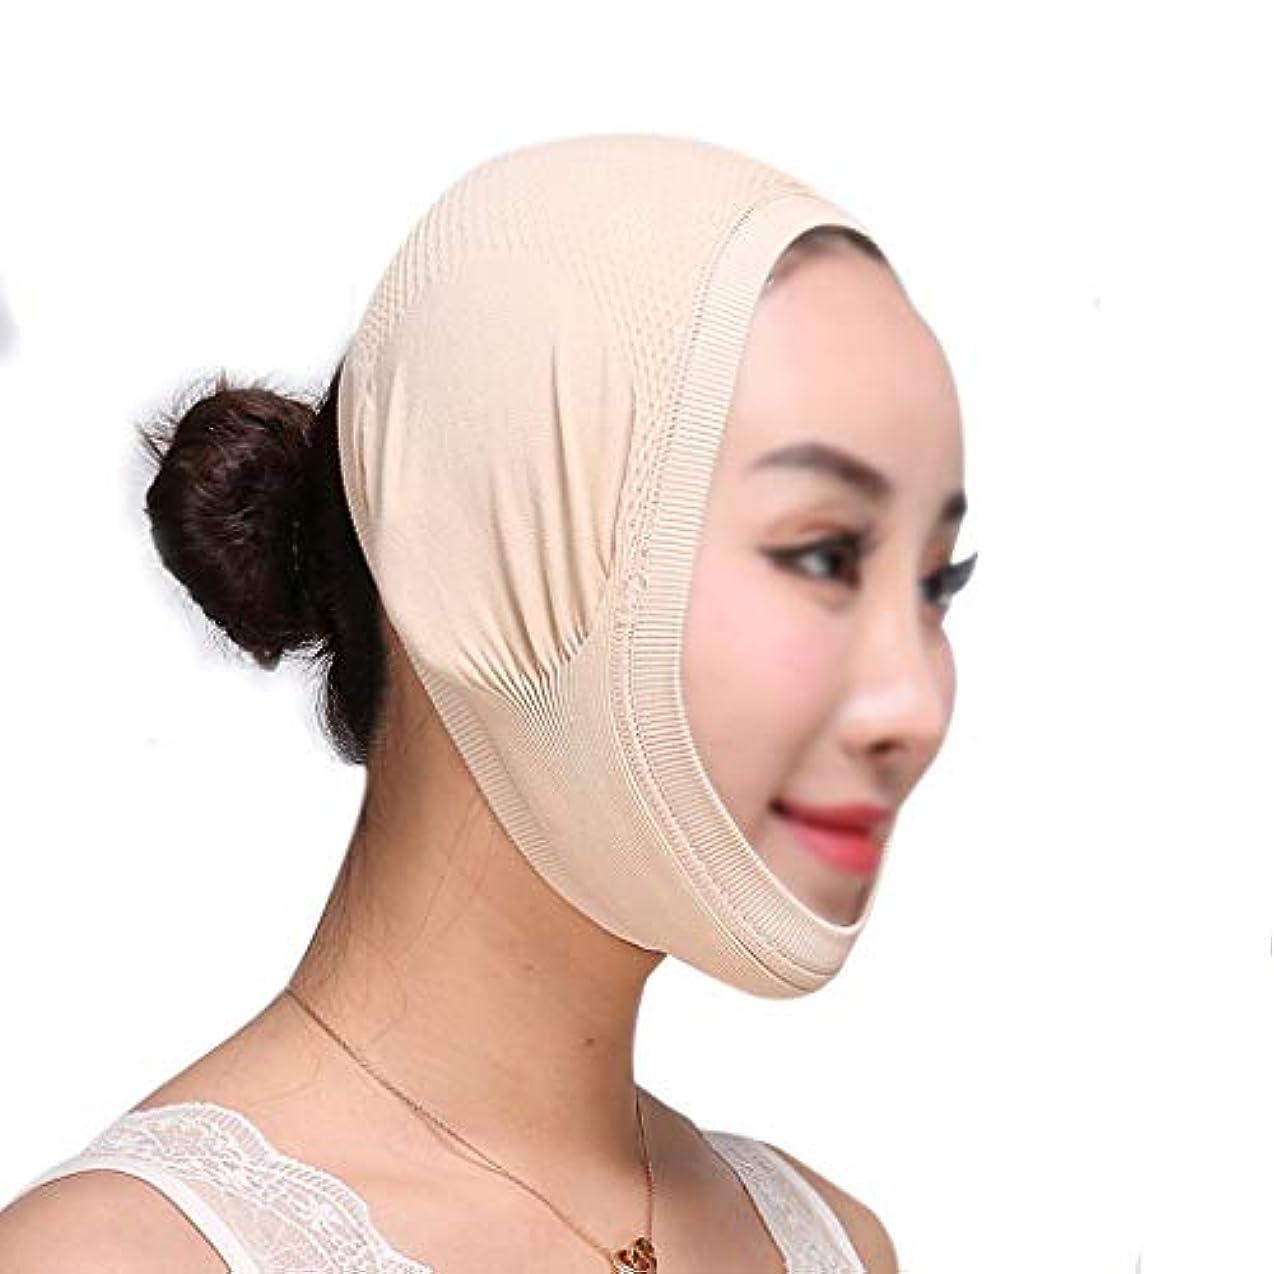 複合生産性範囲整形外科病院ライン彫刻術後回復ヘッドギア医療マスク睡眠vフェイスリフティング包帯薄いフェイスマスク (Size : Skin tone(B))